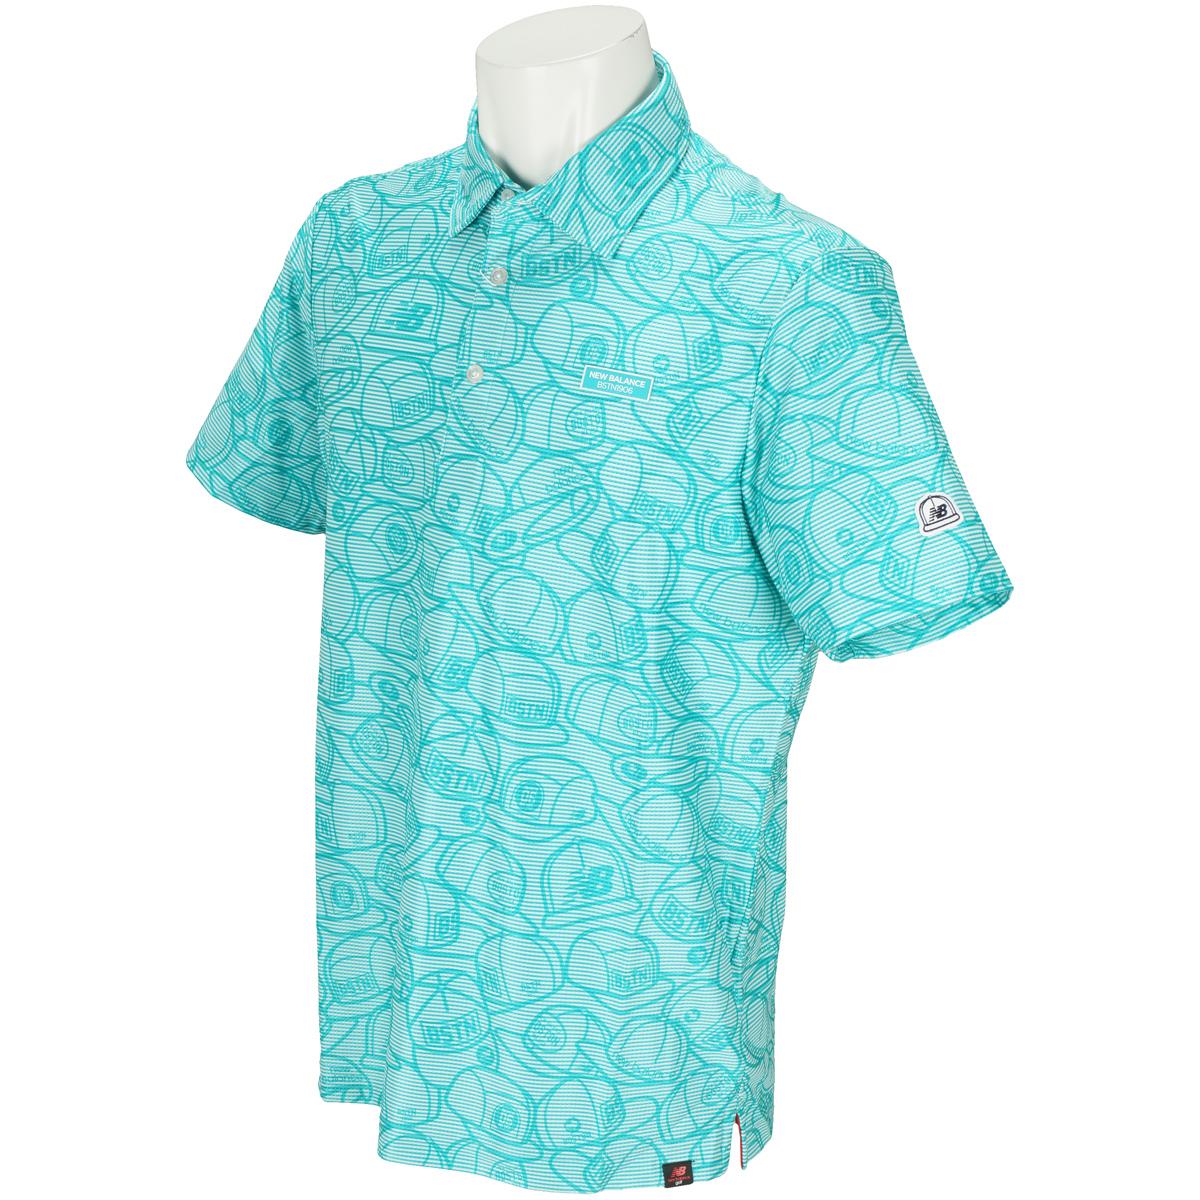 METRO ピンボーダー×ヘッドウェアプリント 半袖ポロシャツ